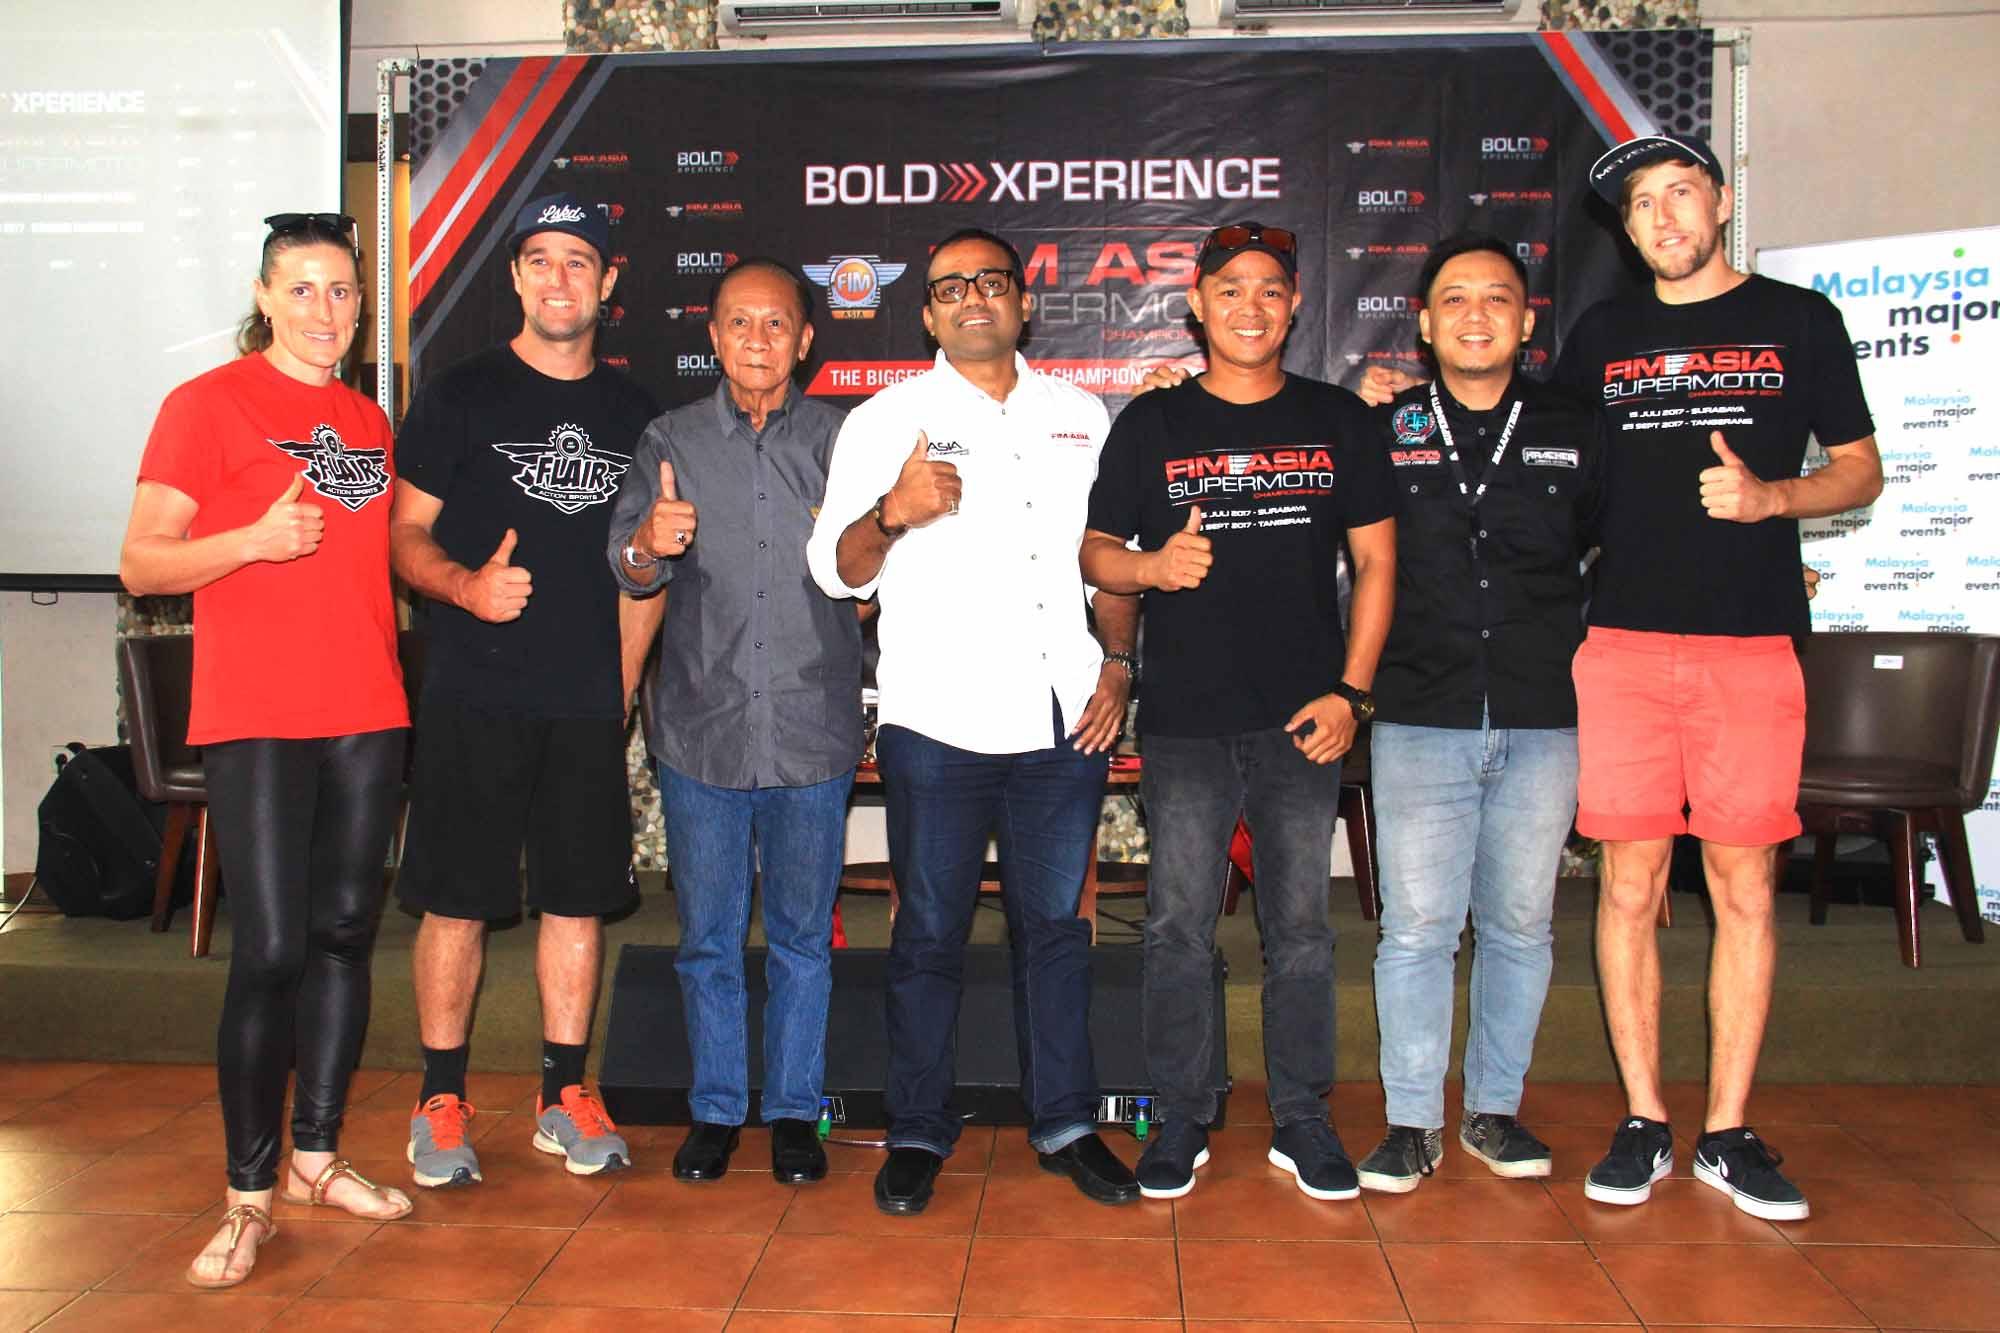 Indonesia Jadi Tuan Rumah FIM Asia Supermoto 2017